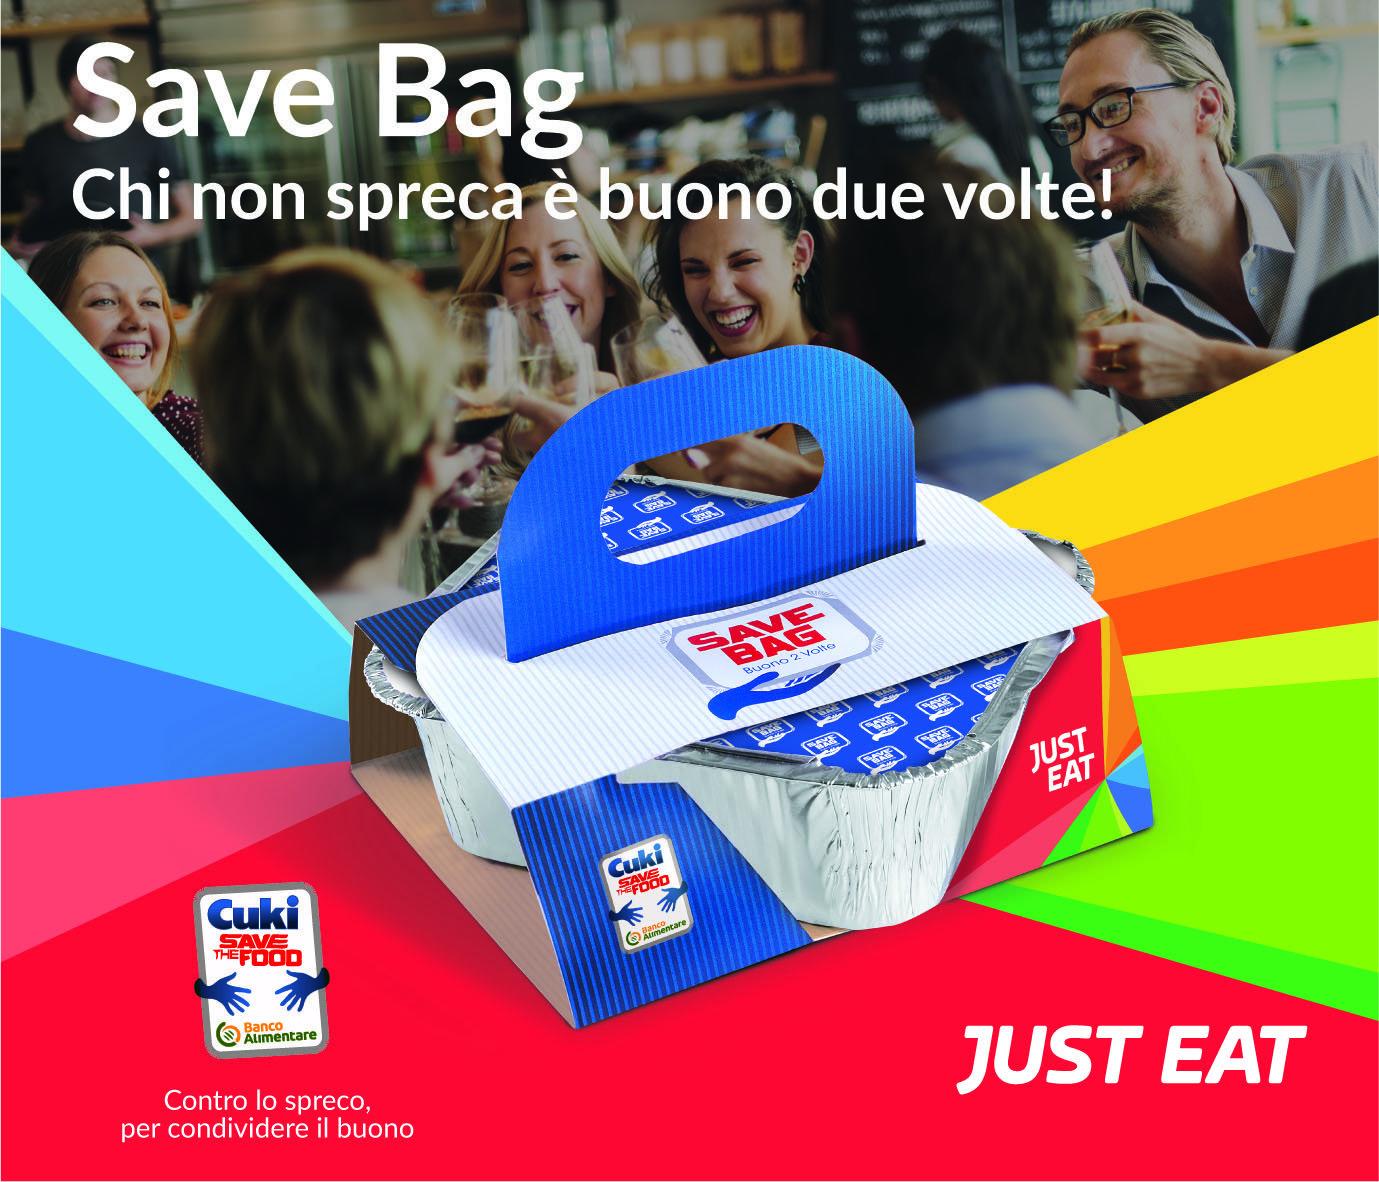 just eat lancia la save bag: doni un pasto e guadagni uno sconto